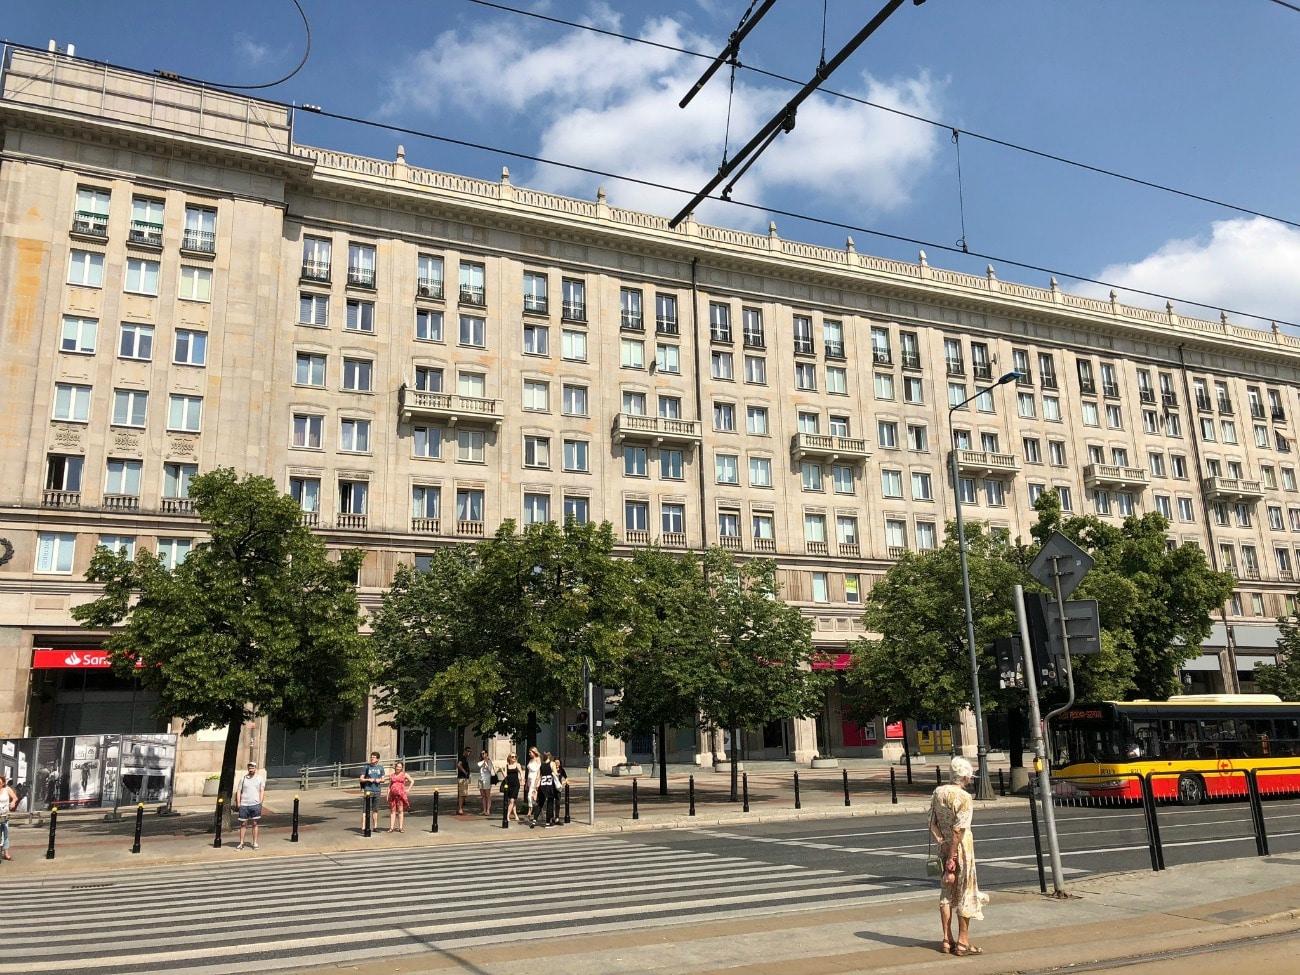 Warsaw, Europe's Rising Star